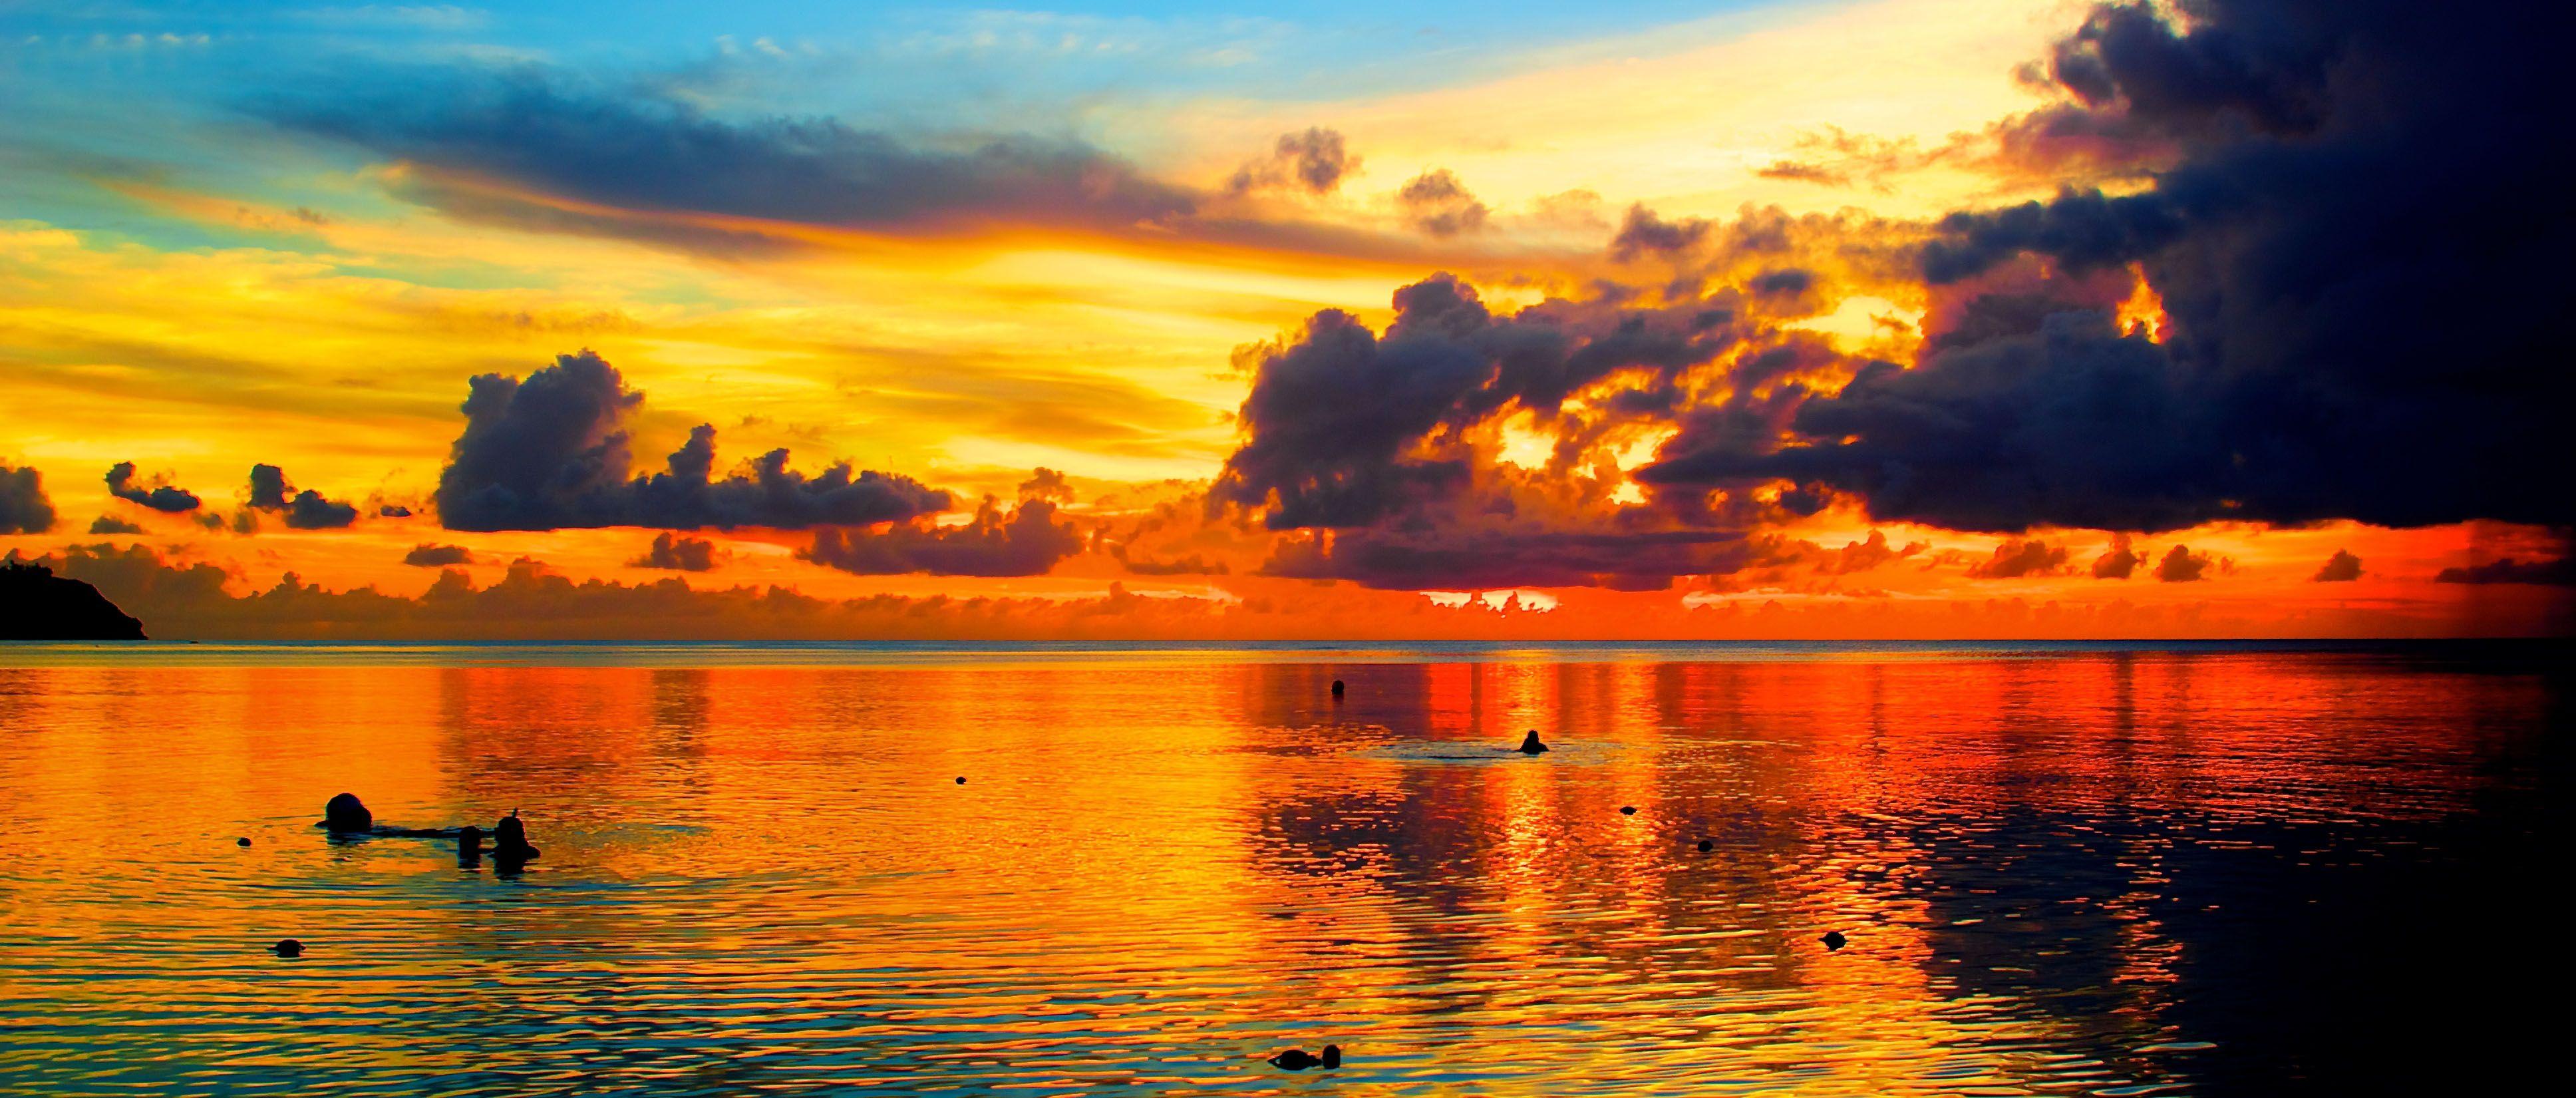 Paesaggi mozzafiato nel mondo cerca con google for Paesaggi naturali hd